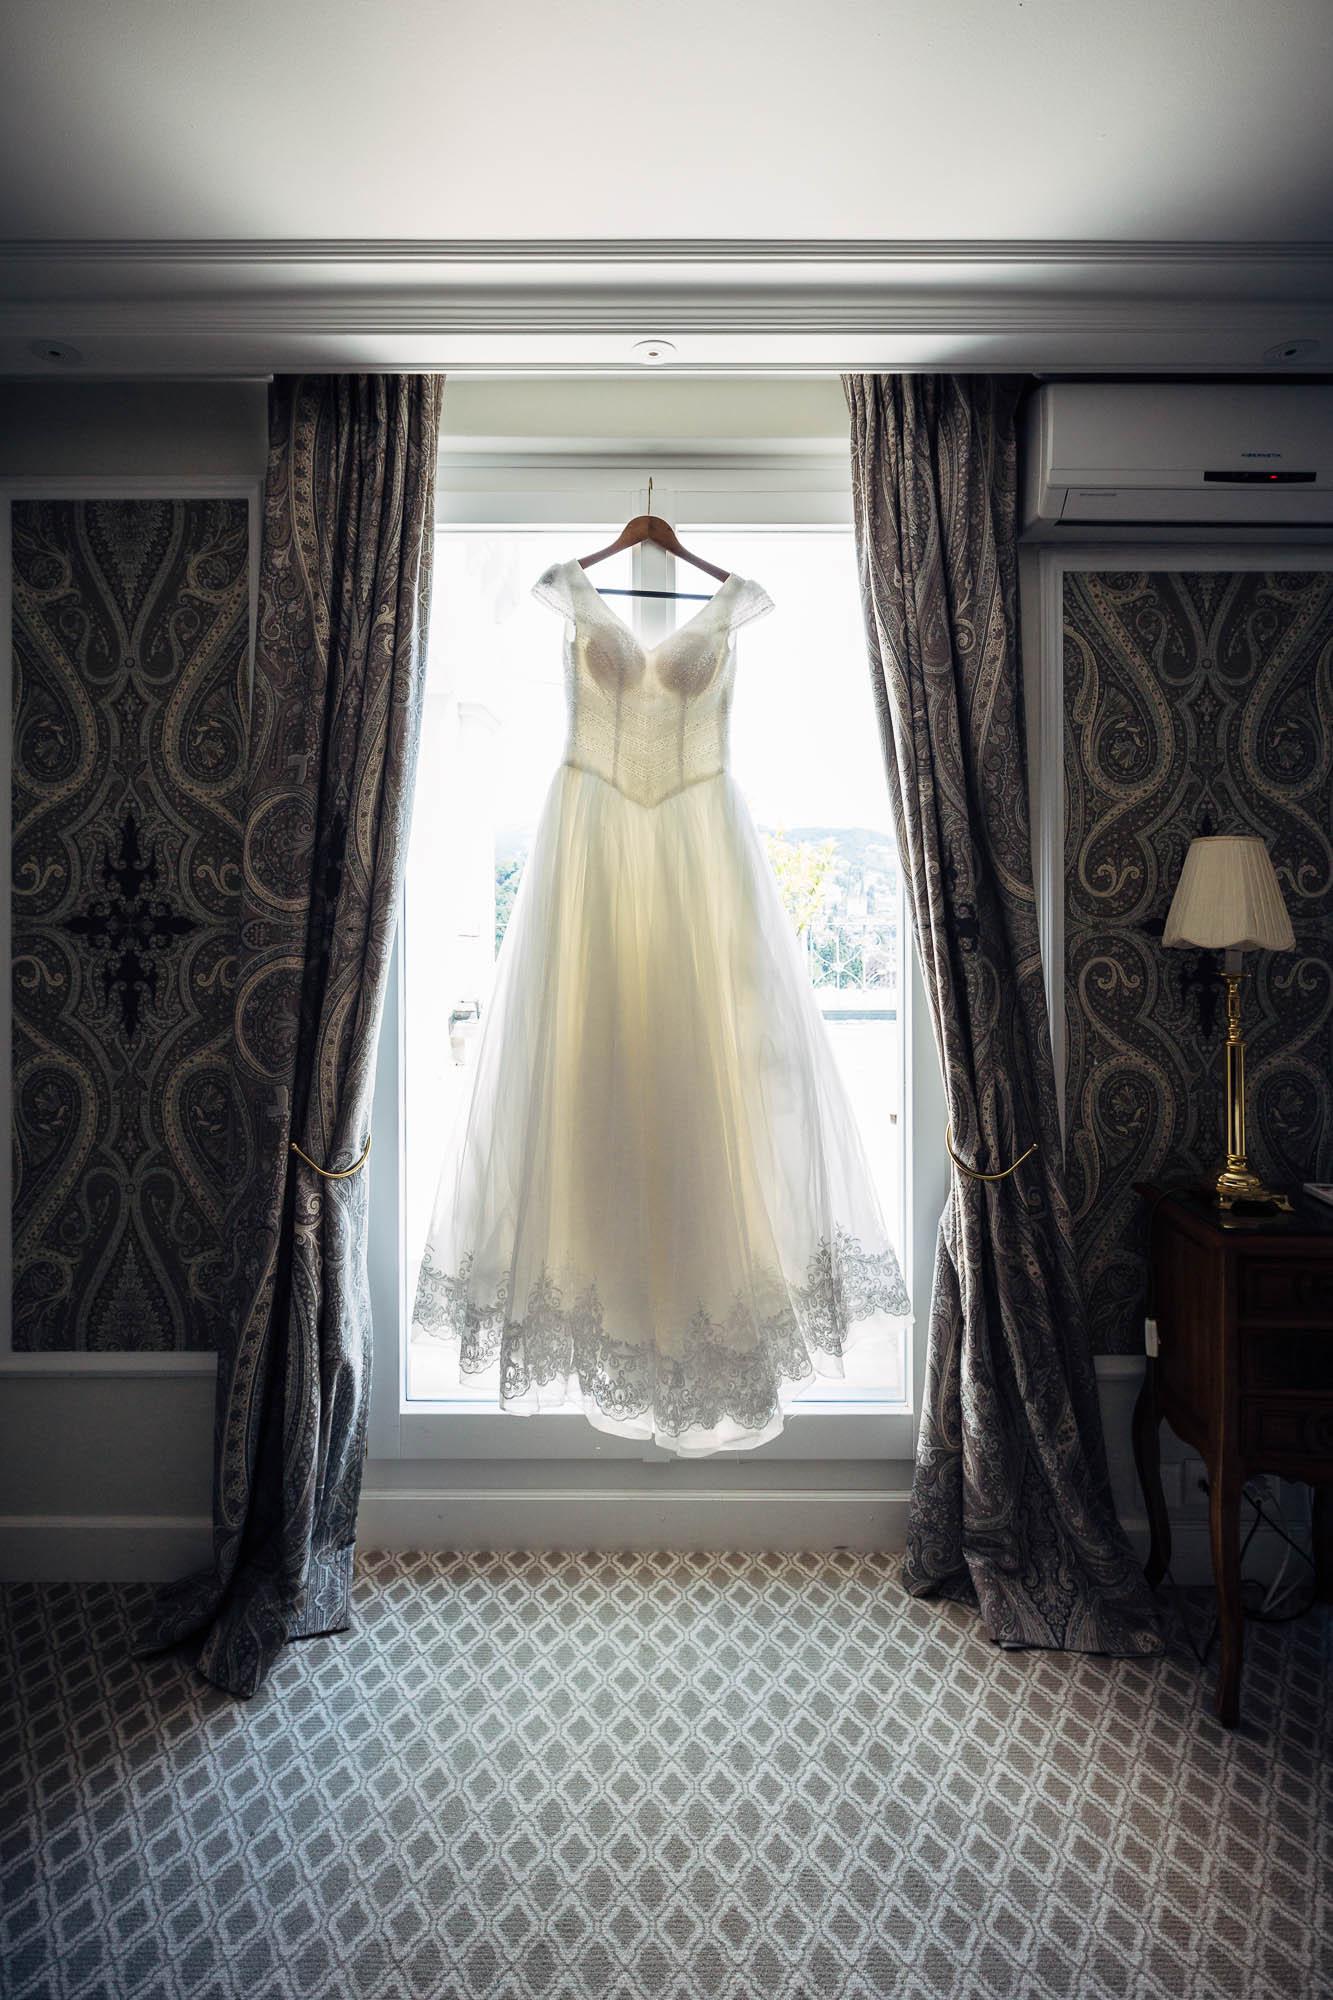 Brautkleid vor Fenster im Chateau Gütsch